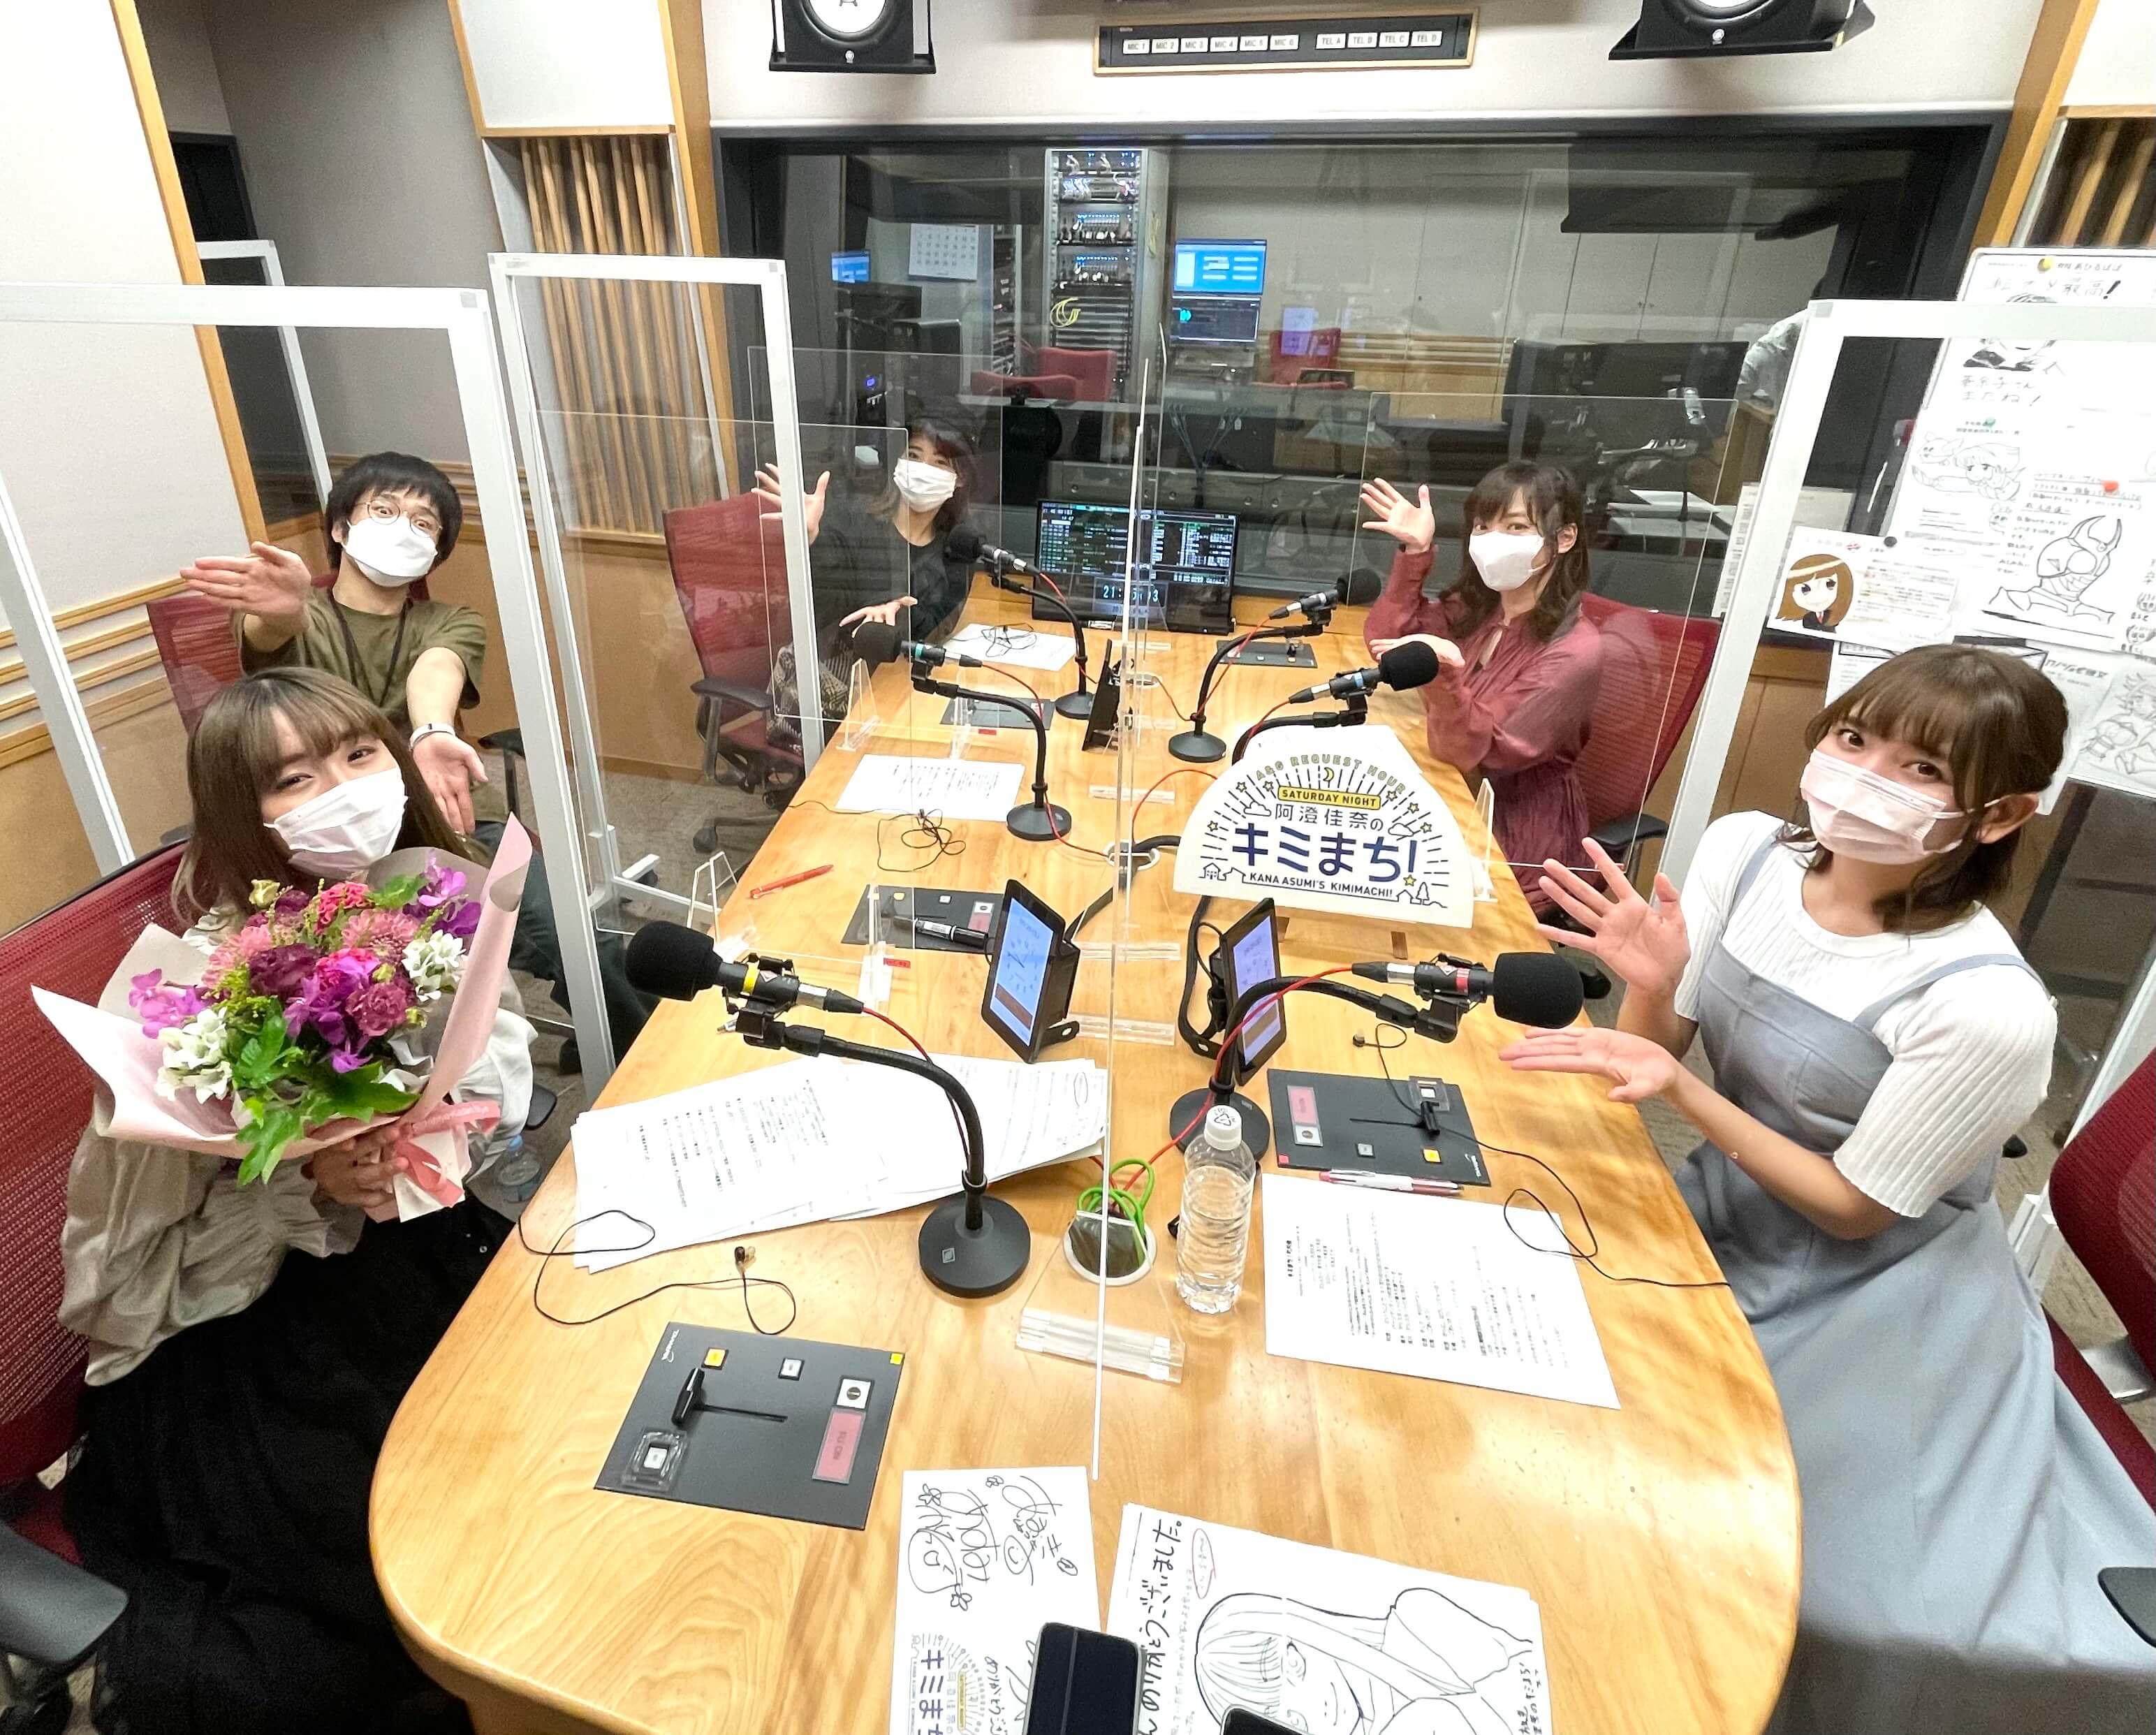 和氣あず未さんがMCをつとめる「アニゲー☆イレブン」のユニークな企画にスタジオ騒然?!キミまち!9月25日レポート